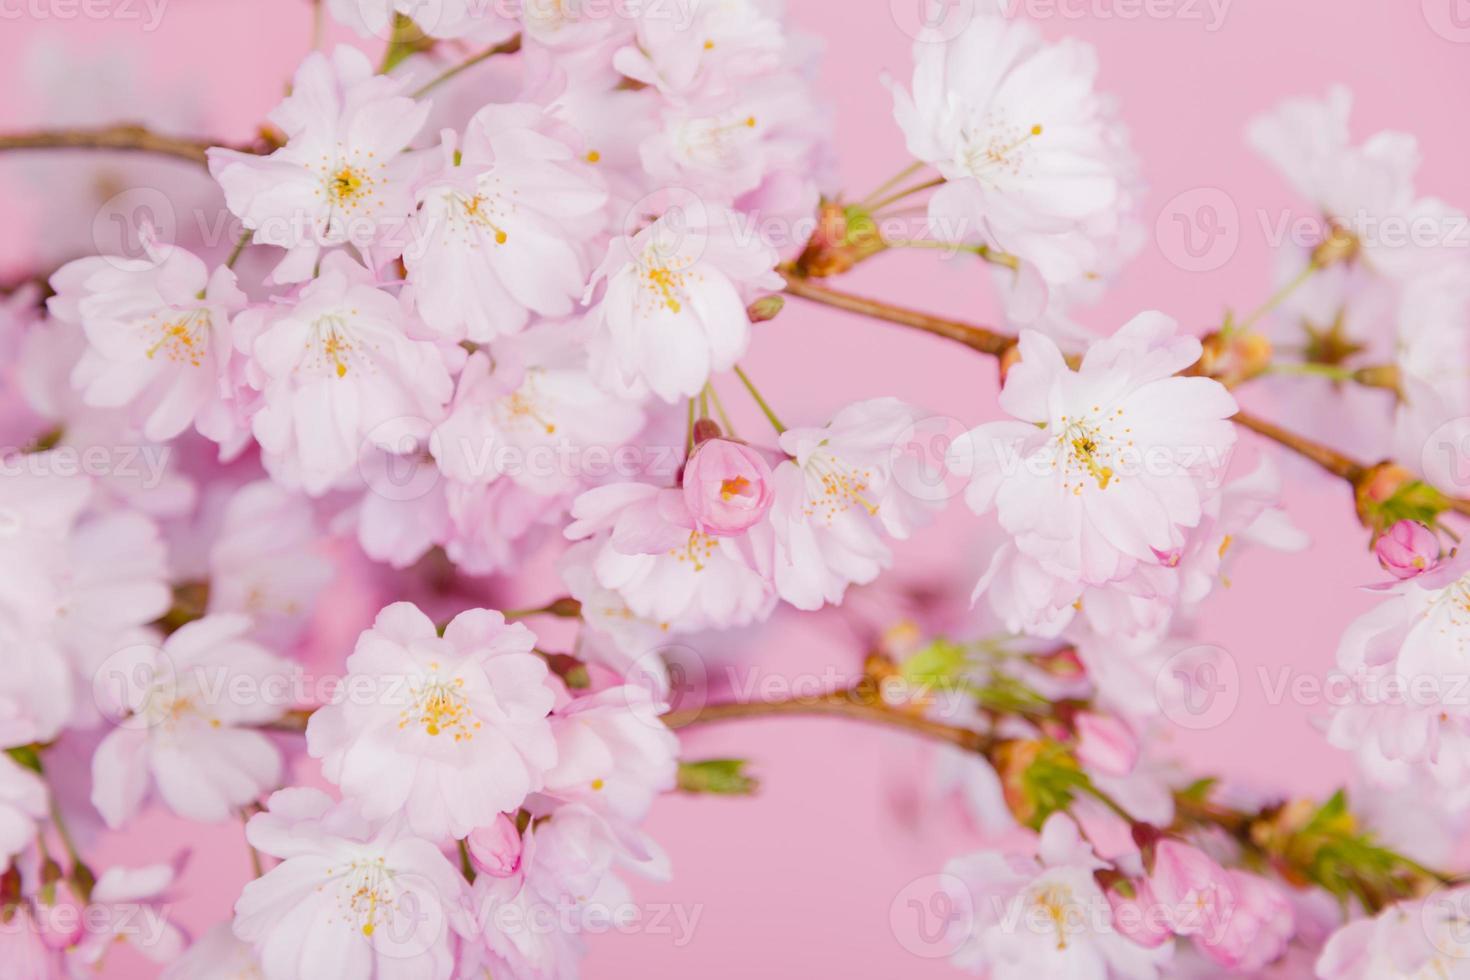 kersenbloesem op roze achtergrond foto